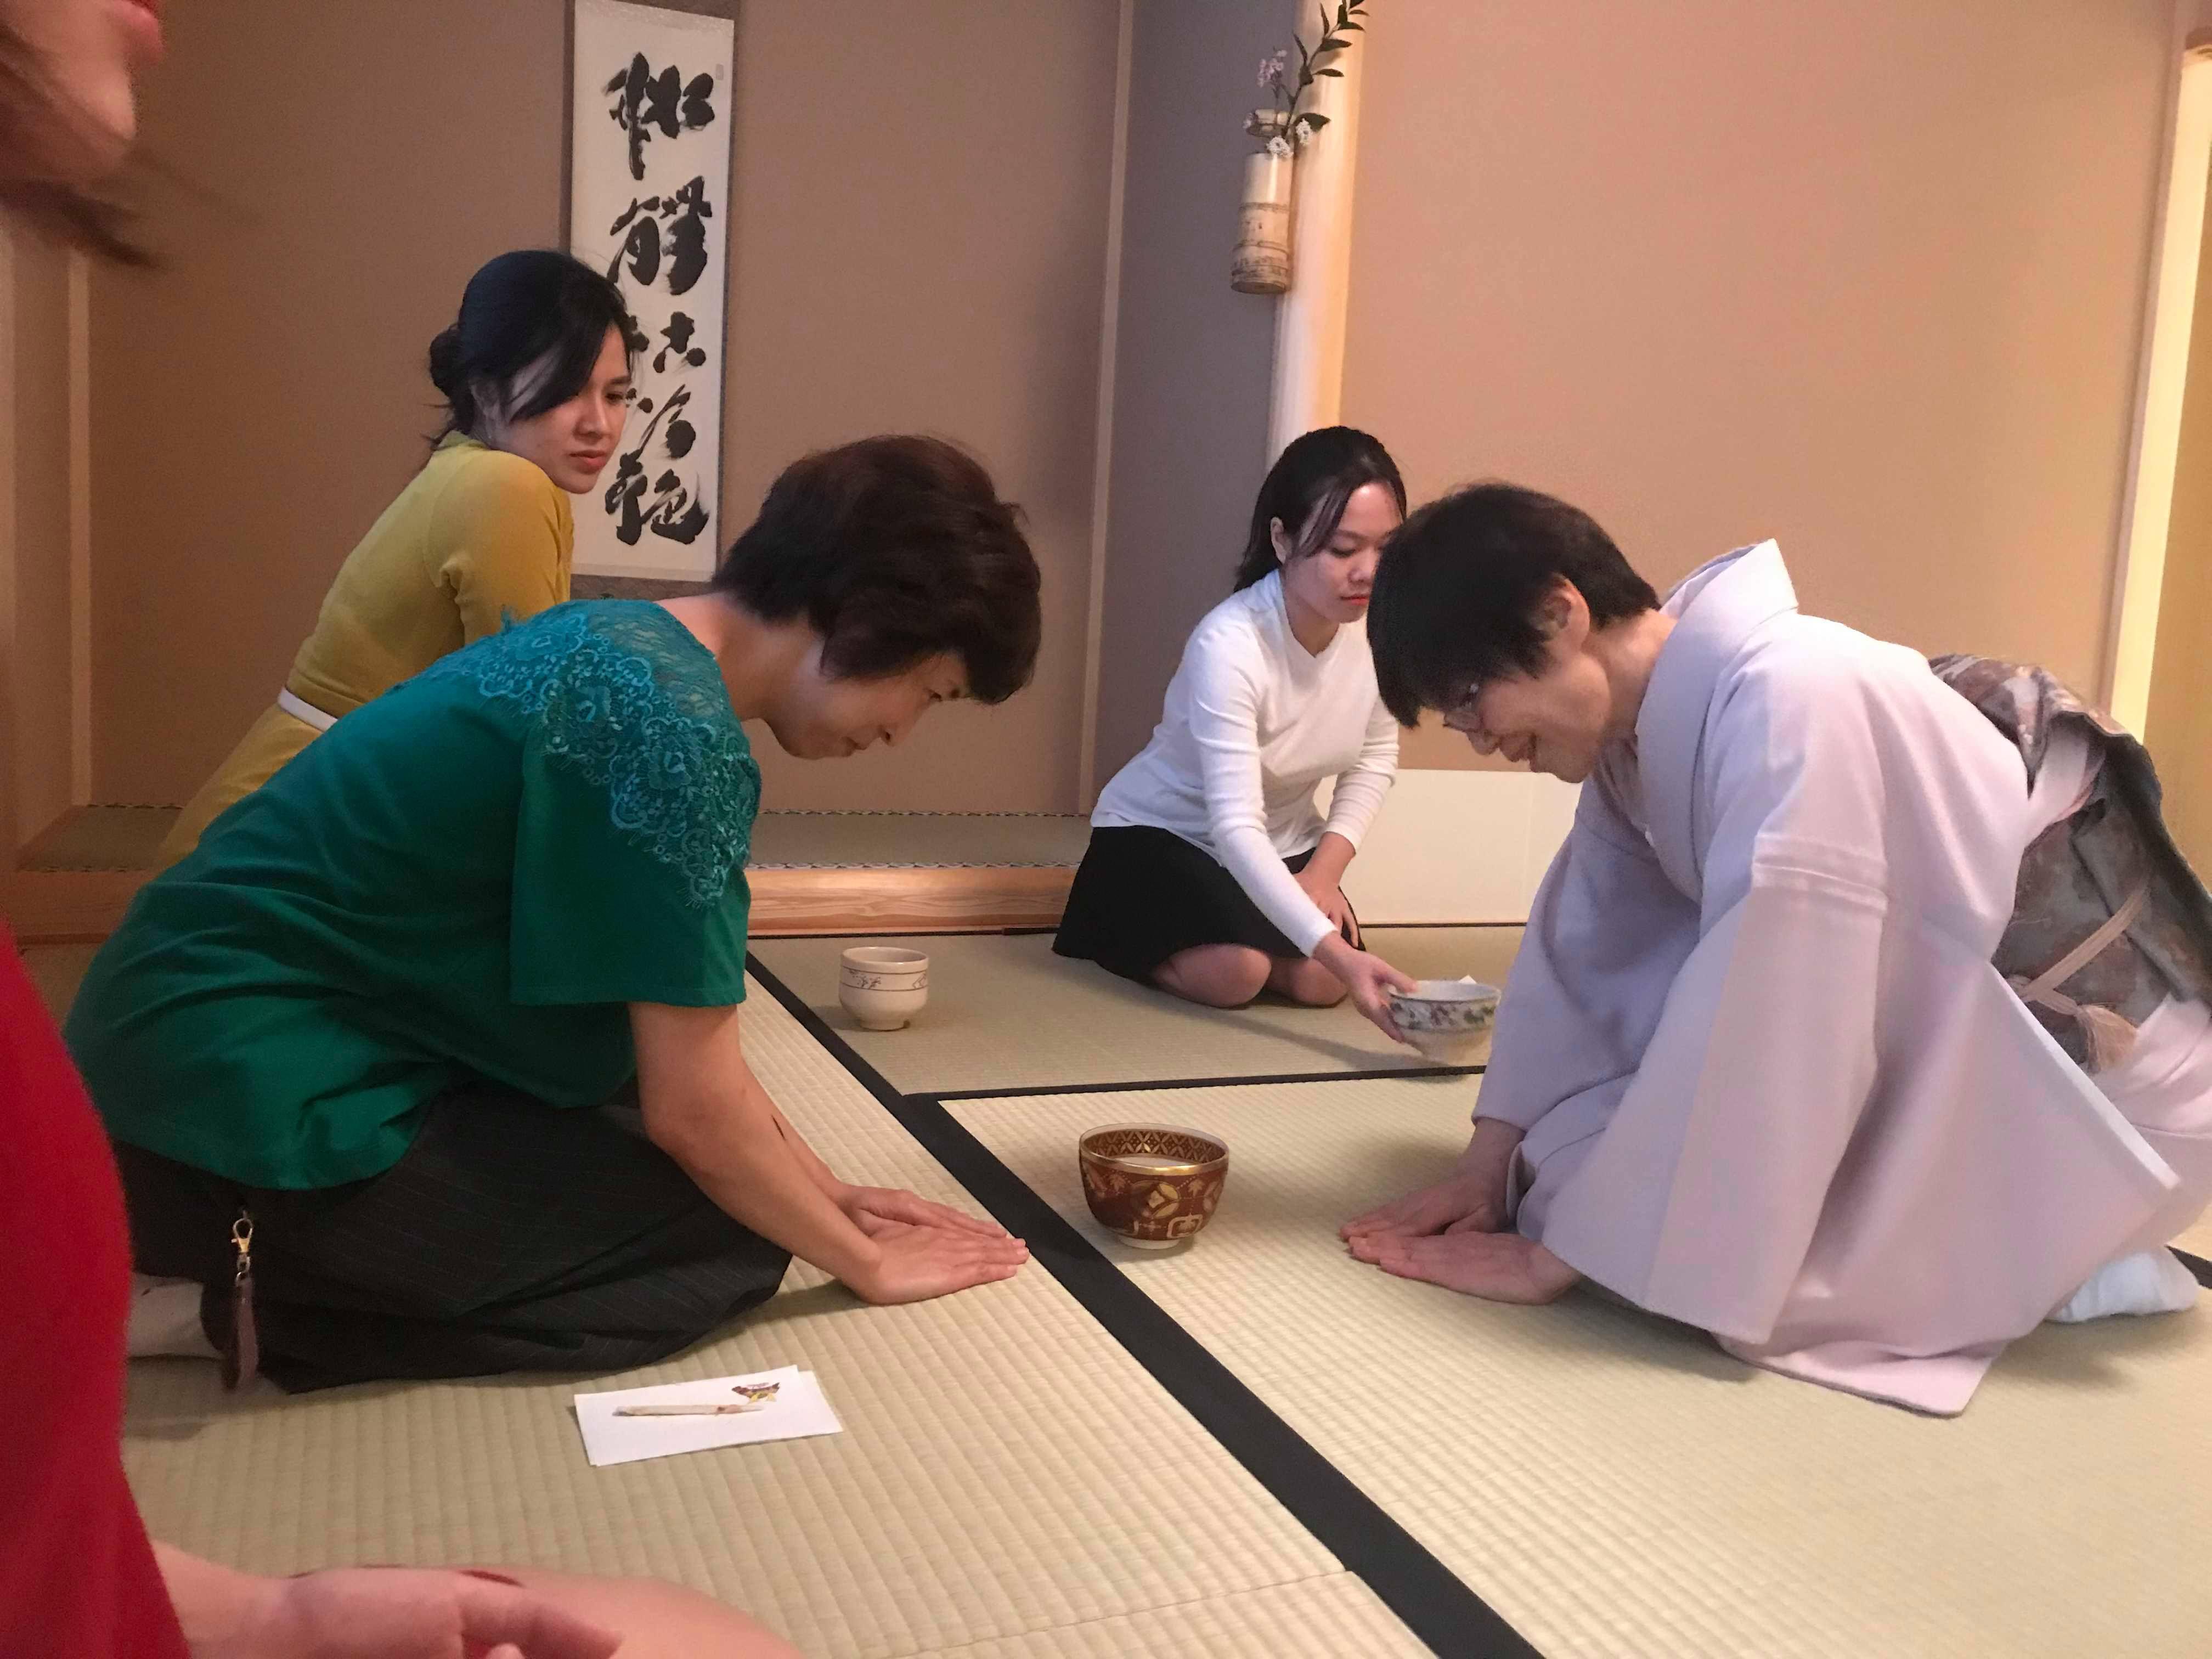 """CBNV nhà F còn được học cách tiếp trà, nhận trà và thưởng trà sao cho đúng chuẩn Nhật. Lần đầu được tiếp xúc với văn hóa Trà đạo, Mai Thị Thu Hà, FPT Software, bày tỏ sự hào hứng, thích thú: """"Tôi đã học được thêm rất nhiều điều từ Trà đạo. Đó không chỉ là một nét văn hóa đặc sắc của Nhật Bản mà từ đây tôi cũng rèn luyện cho mình nhiều đức tính tốt của người Nhật""""."""